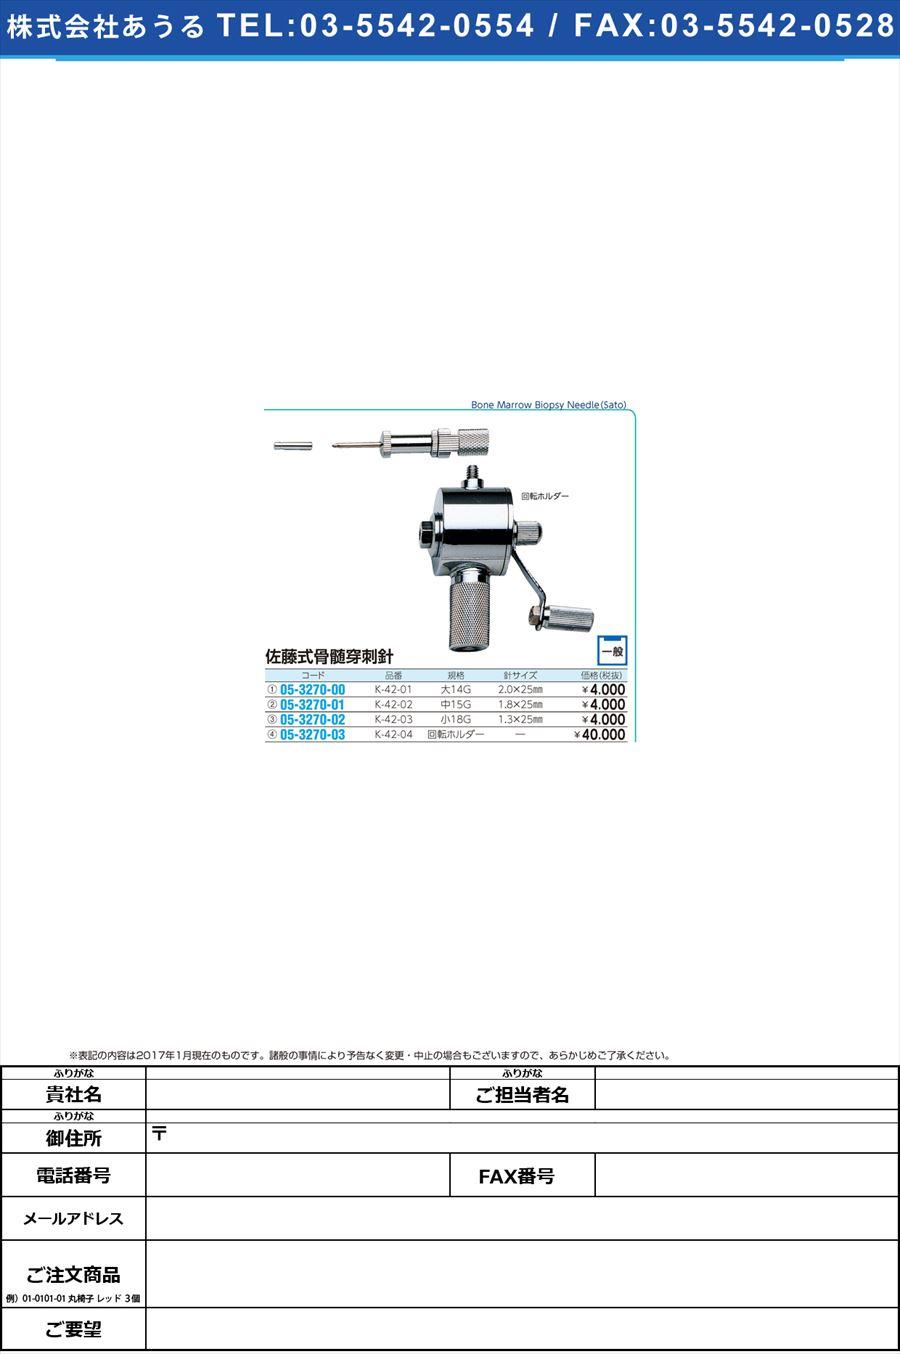 佐藤式骨髄穿刺針用回転ホルダー コツズイセンシシン K-42-04(05-3270-03)【1個単位】【2017年カタログ商品】